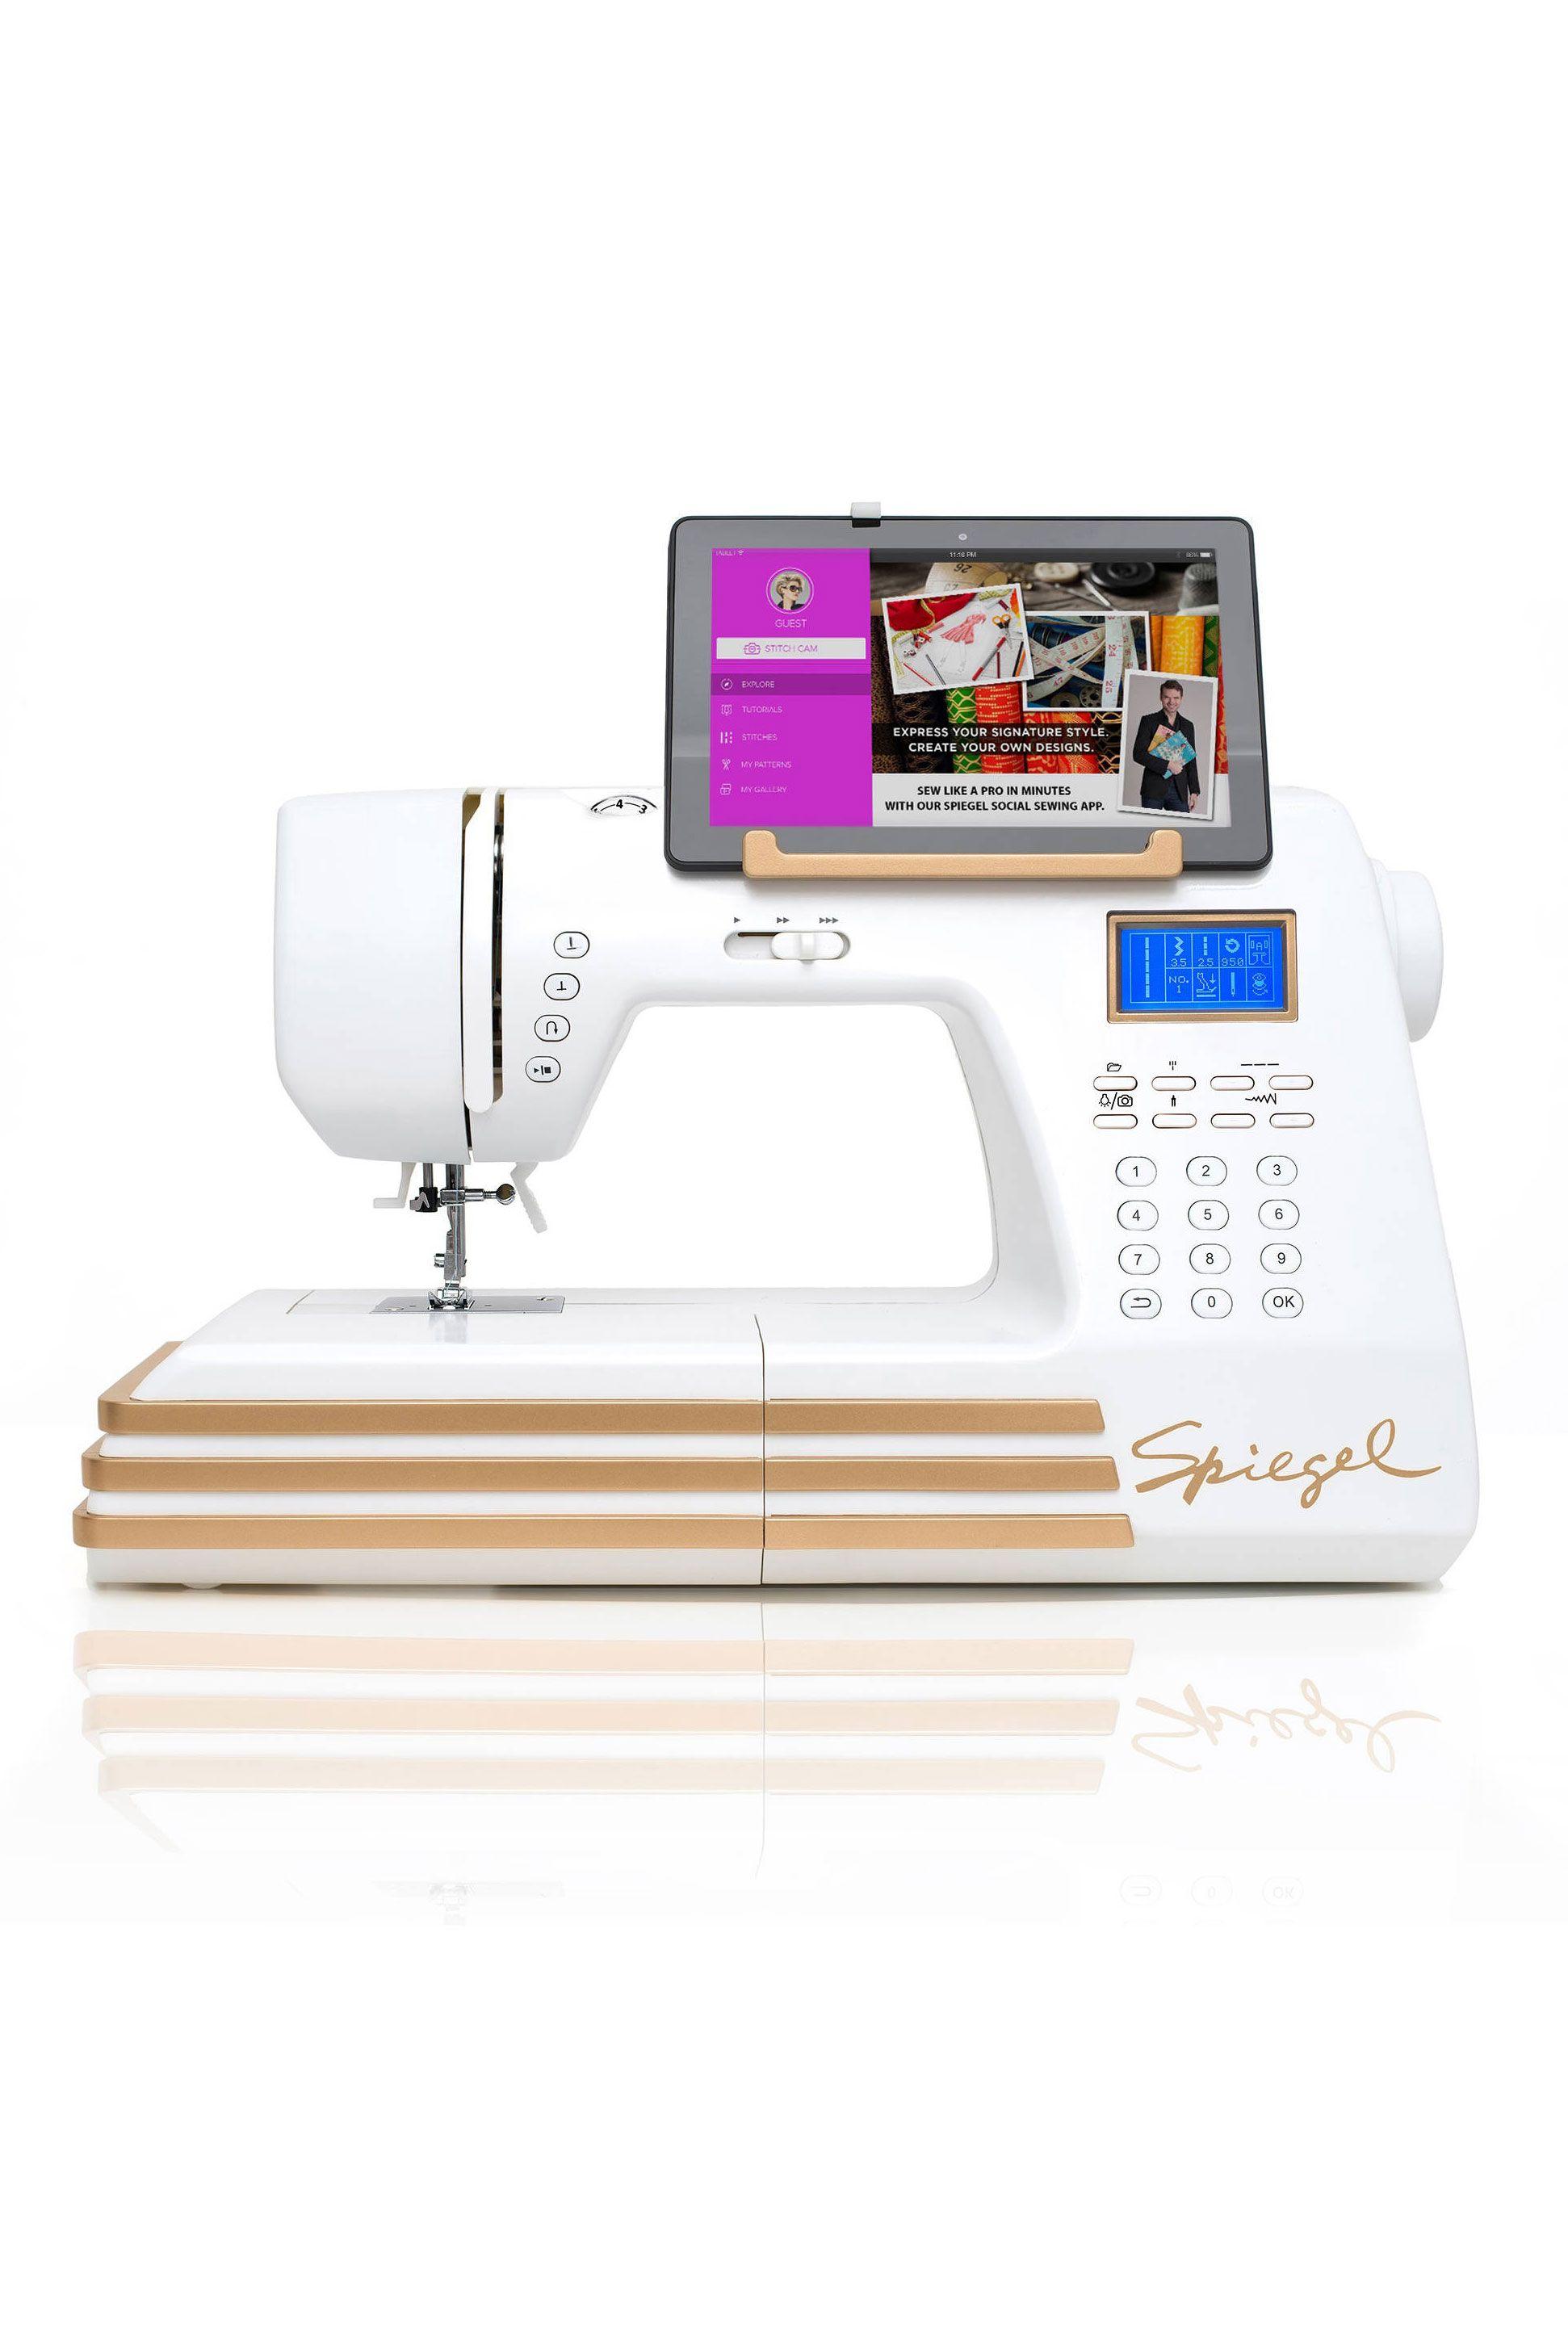 spiegel 60609 sewing machine